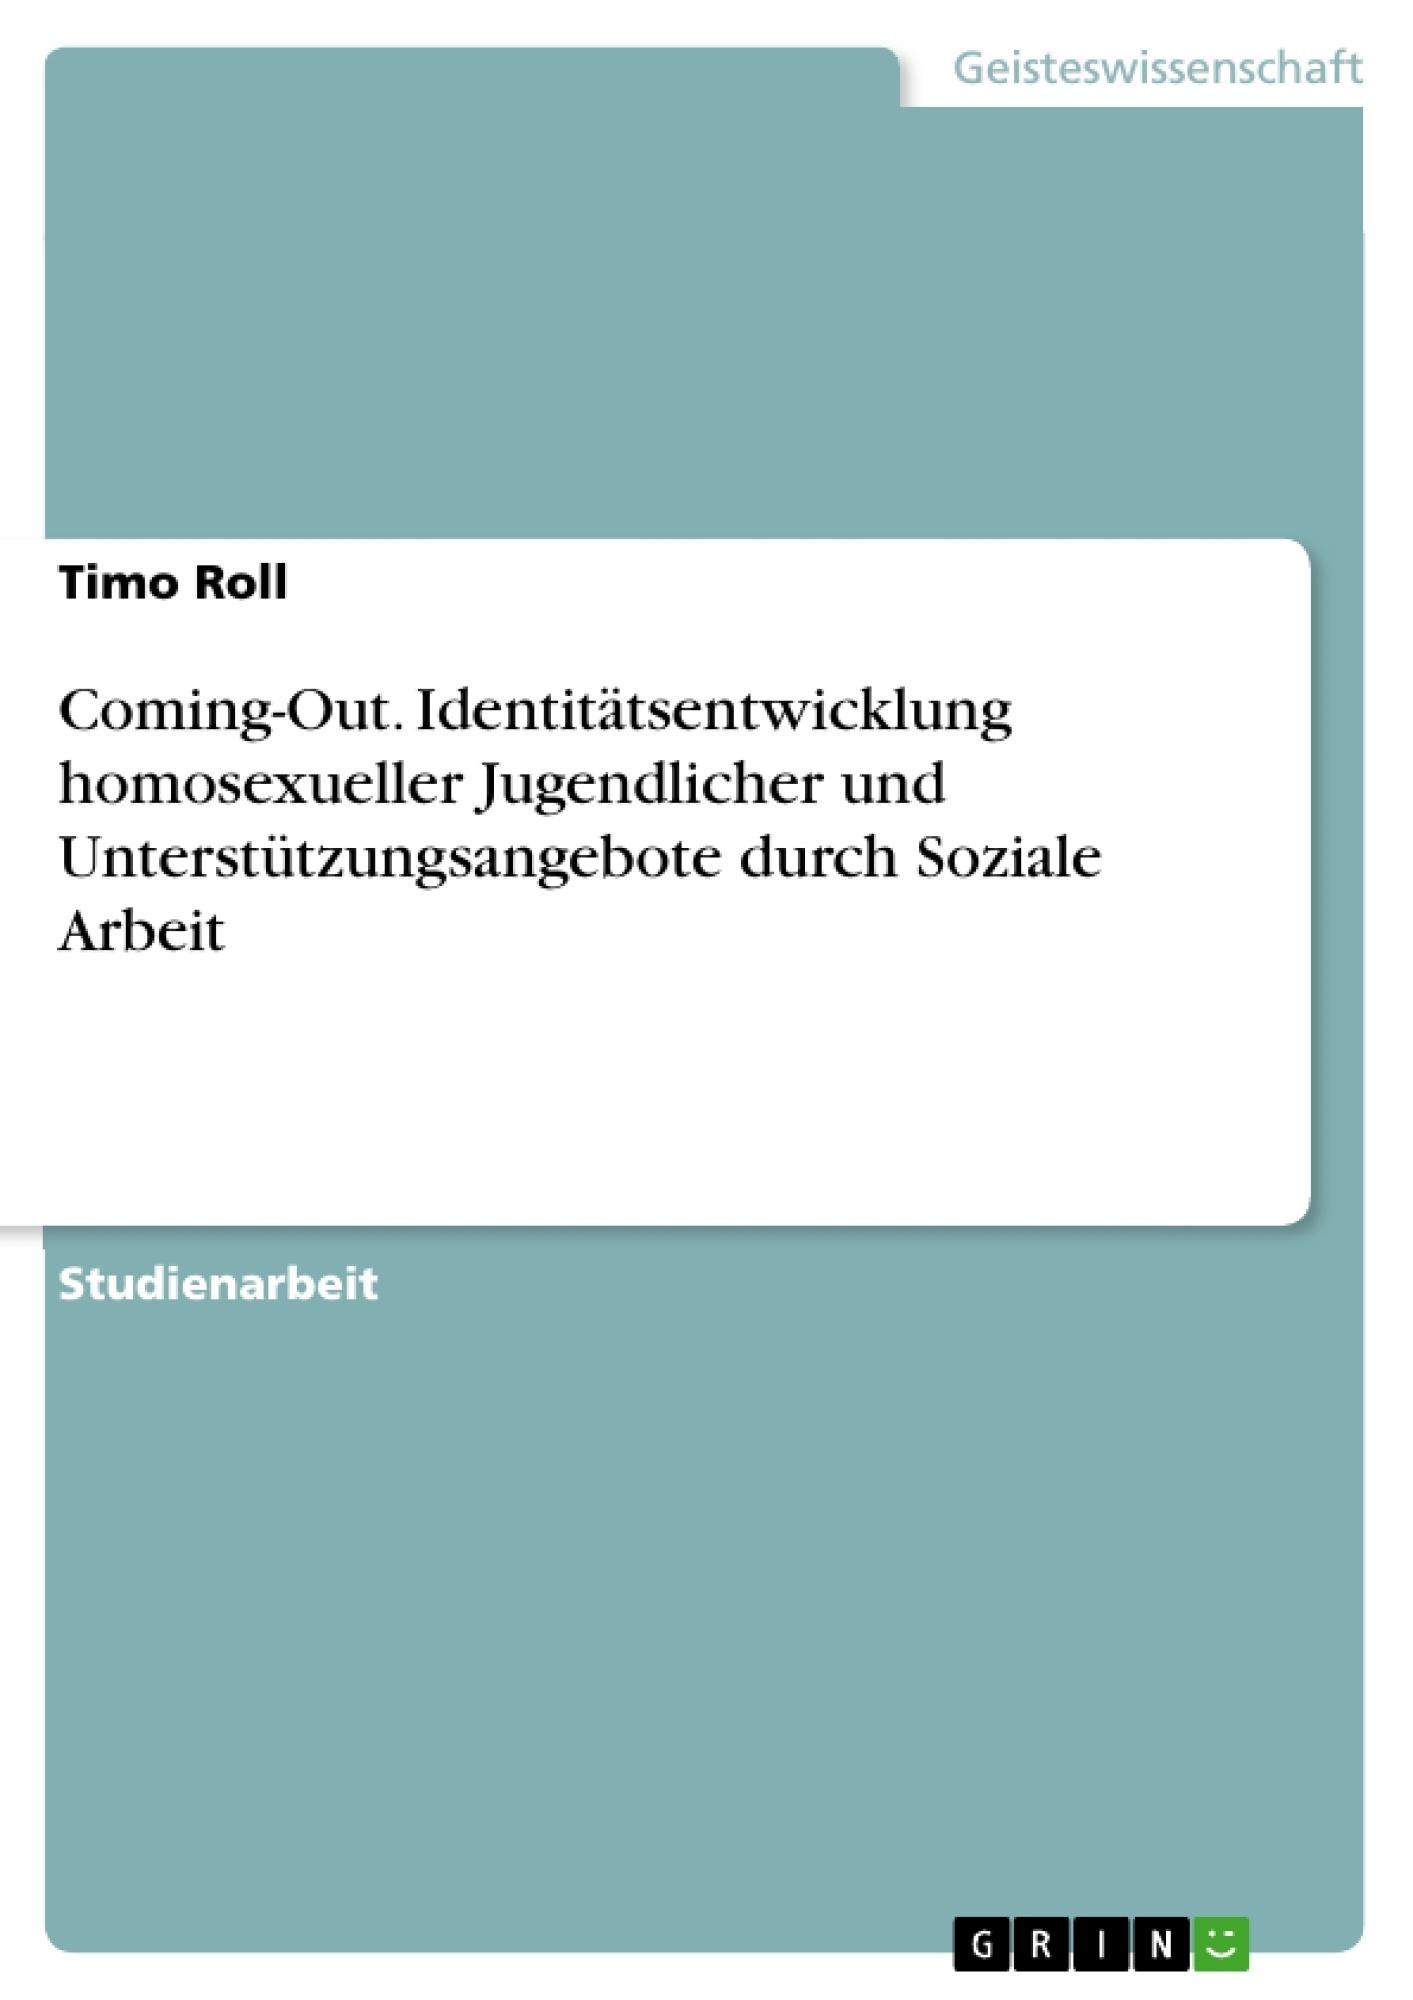 Titel: Coming-Out. Identitätsentwicklung homosexueller Jugendlicher und Unterstützungsangebote durch Soziale Arbeit